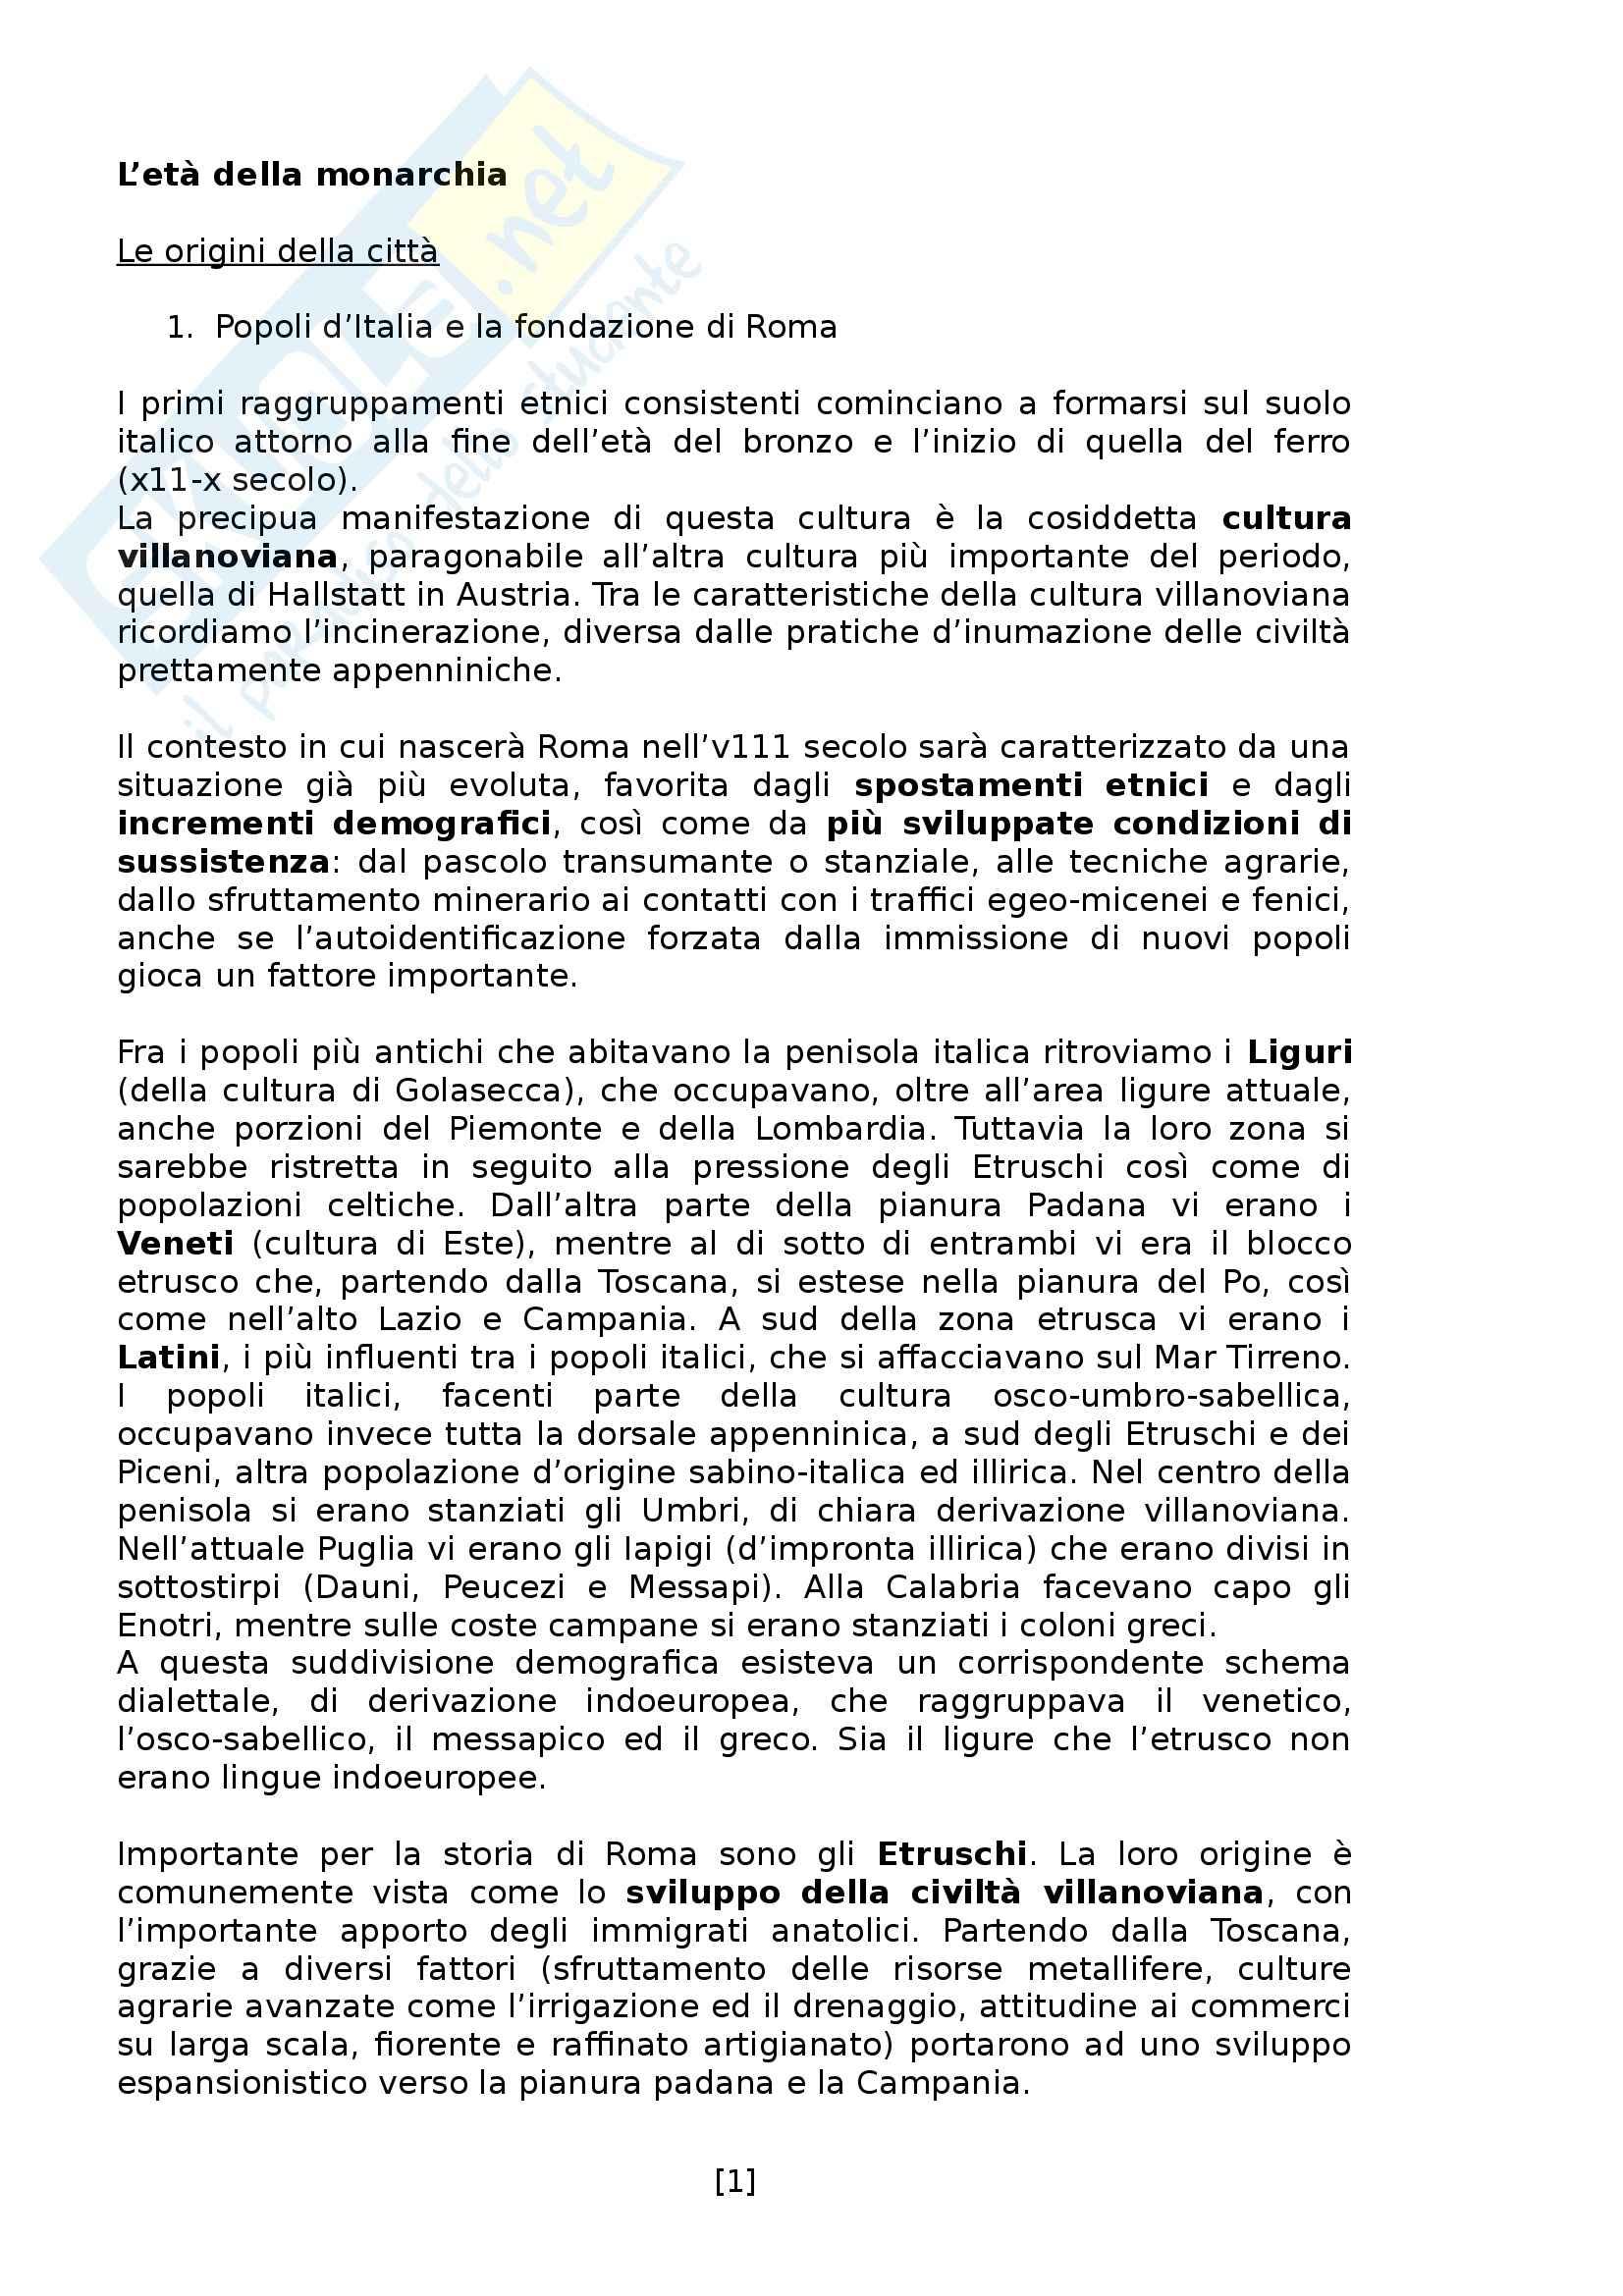 Riassunto esame e appunti, prof. Giorcelli, libro consigliato Storia Romana. Dalle origini alla tarda antichità, di Pani, Todisco